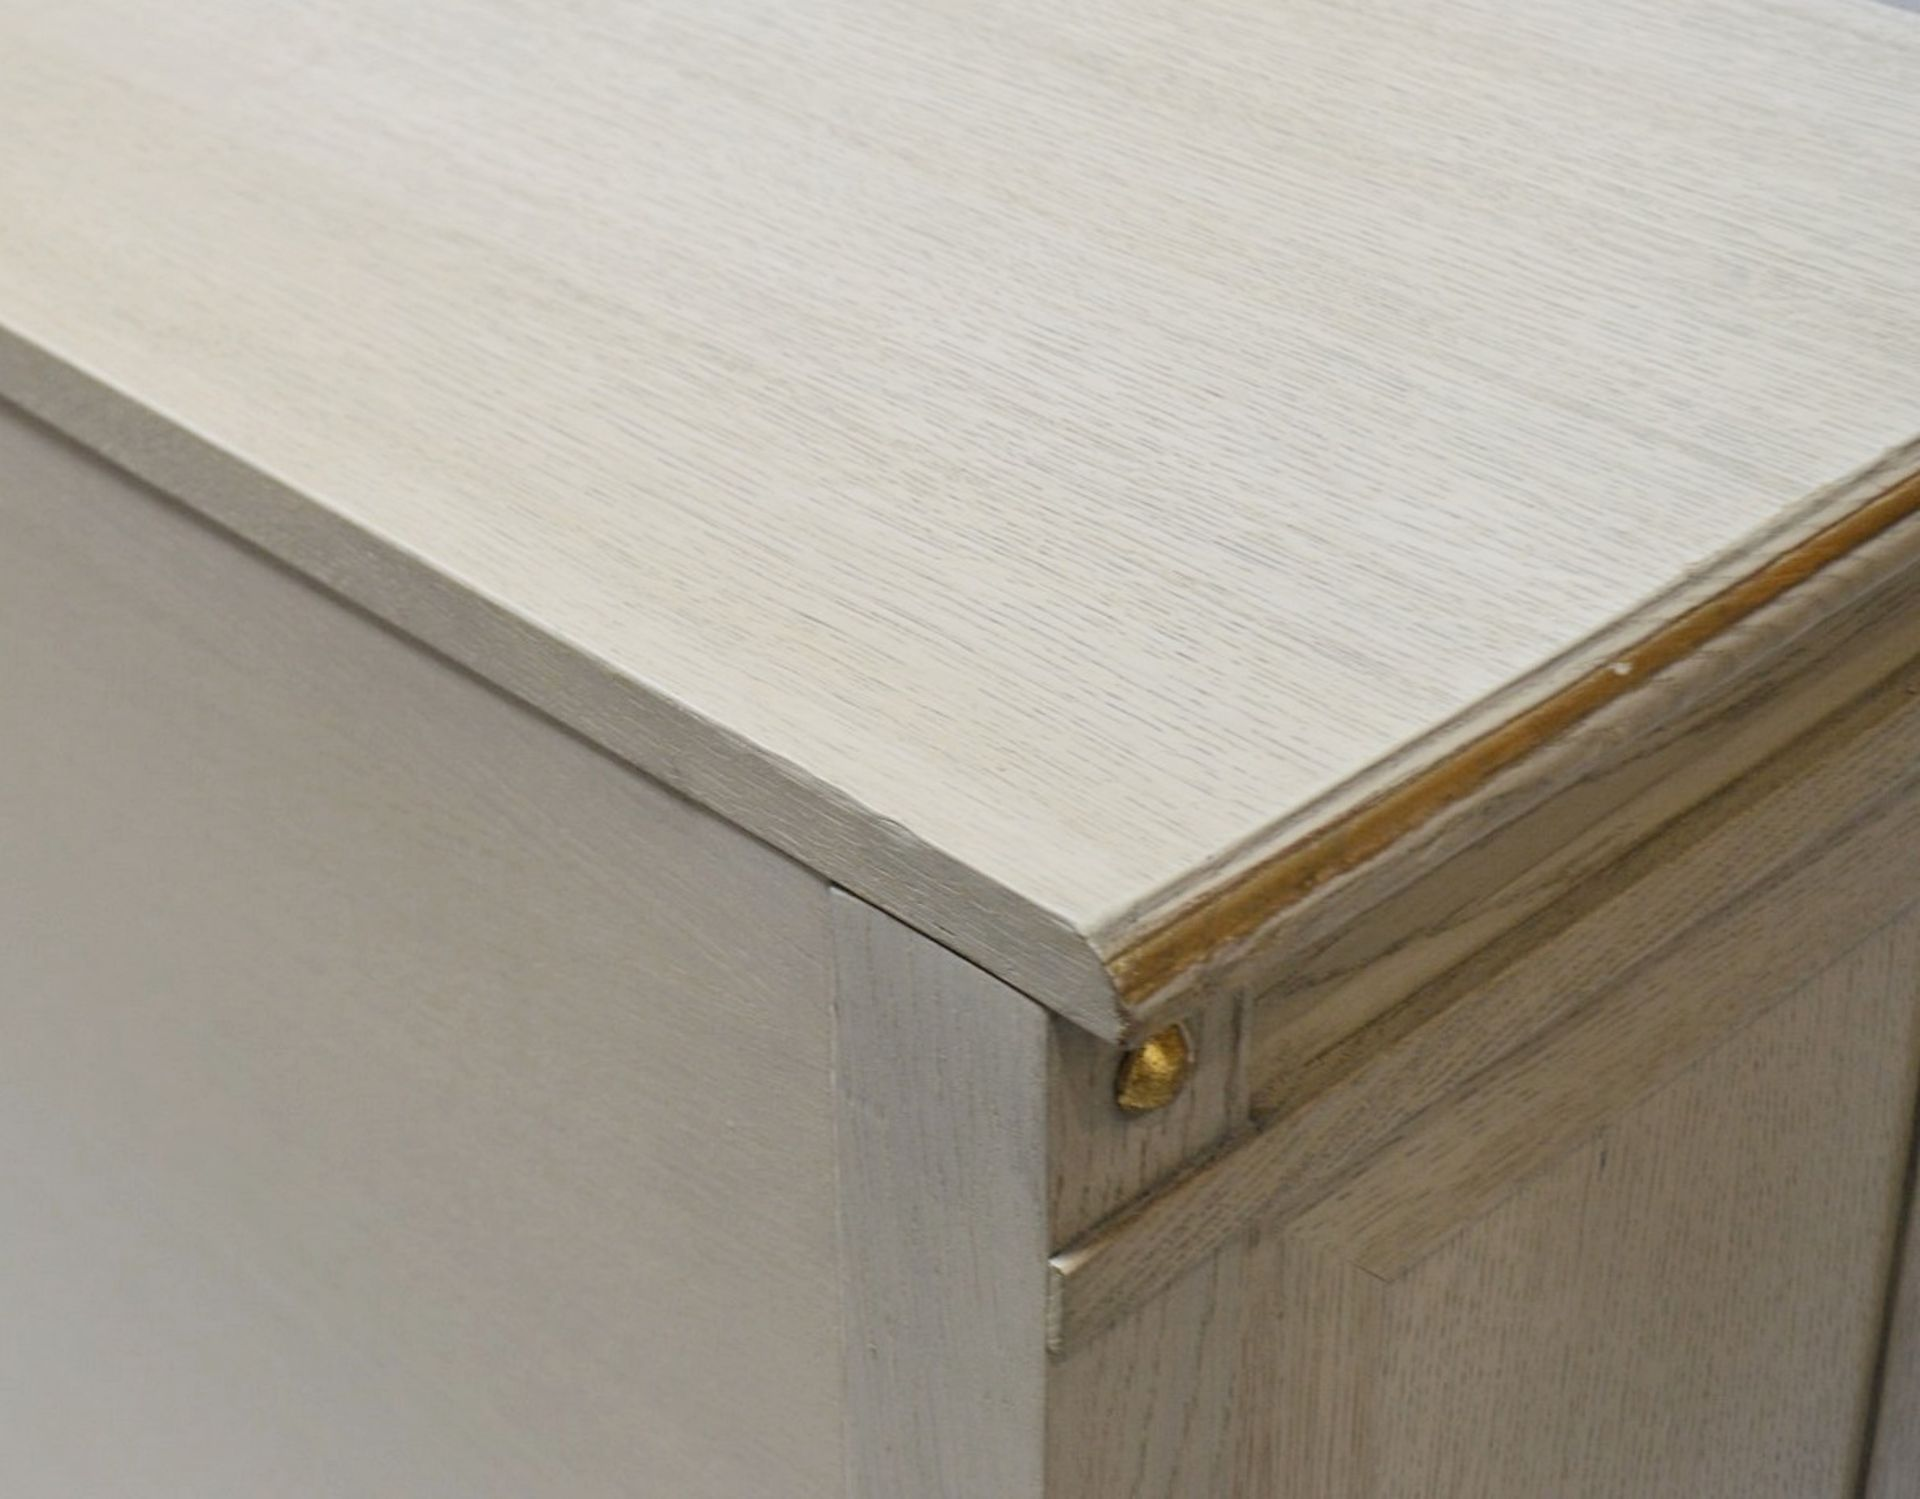 1 x JUSTIN VAN BREDA 'Monty' DesignerRegency-inspired3-Door Sideboard - Original RRP £9,700 - Image 4 of 16